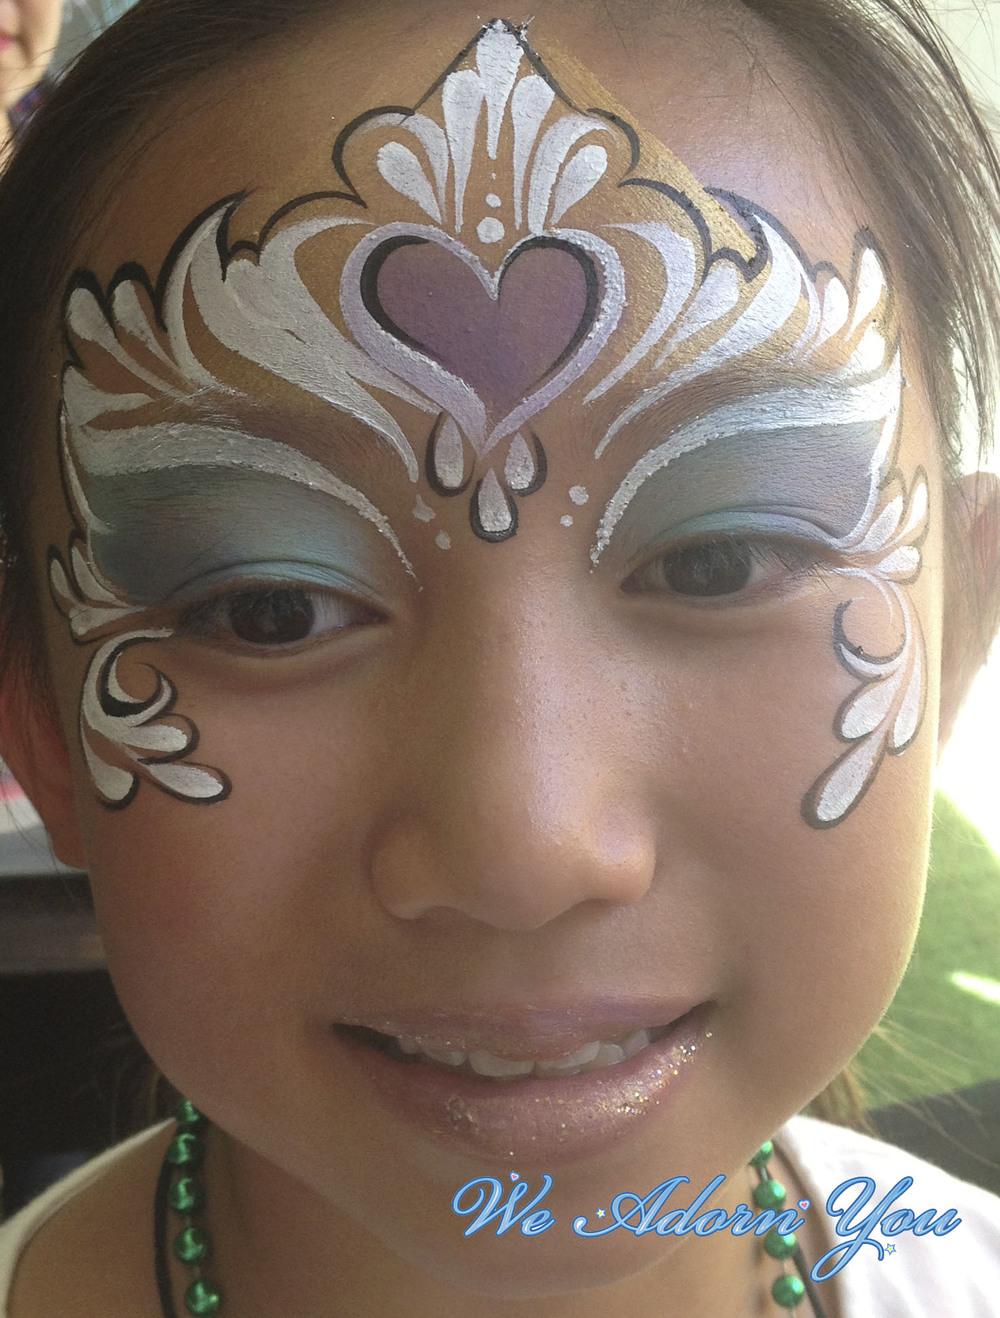 Face Painting Princess - We Adorn You.jpg